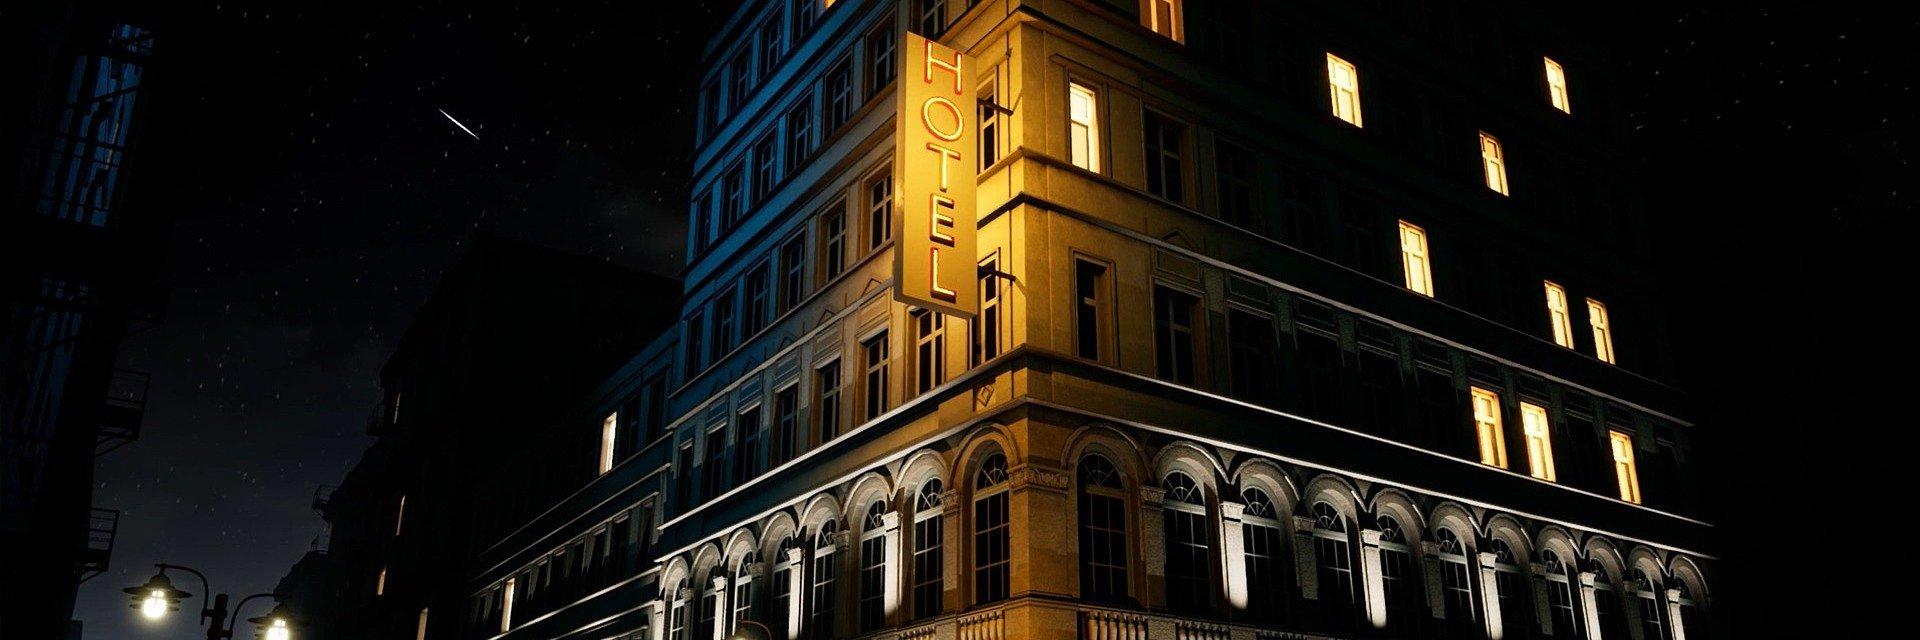 """Wrocławskie studio deweloperskie The Dust oznajmiło, że produkcja """"Hotel Renovator"""" znalazła się na Global Top Wishlist platformy Steam."""